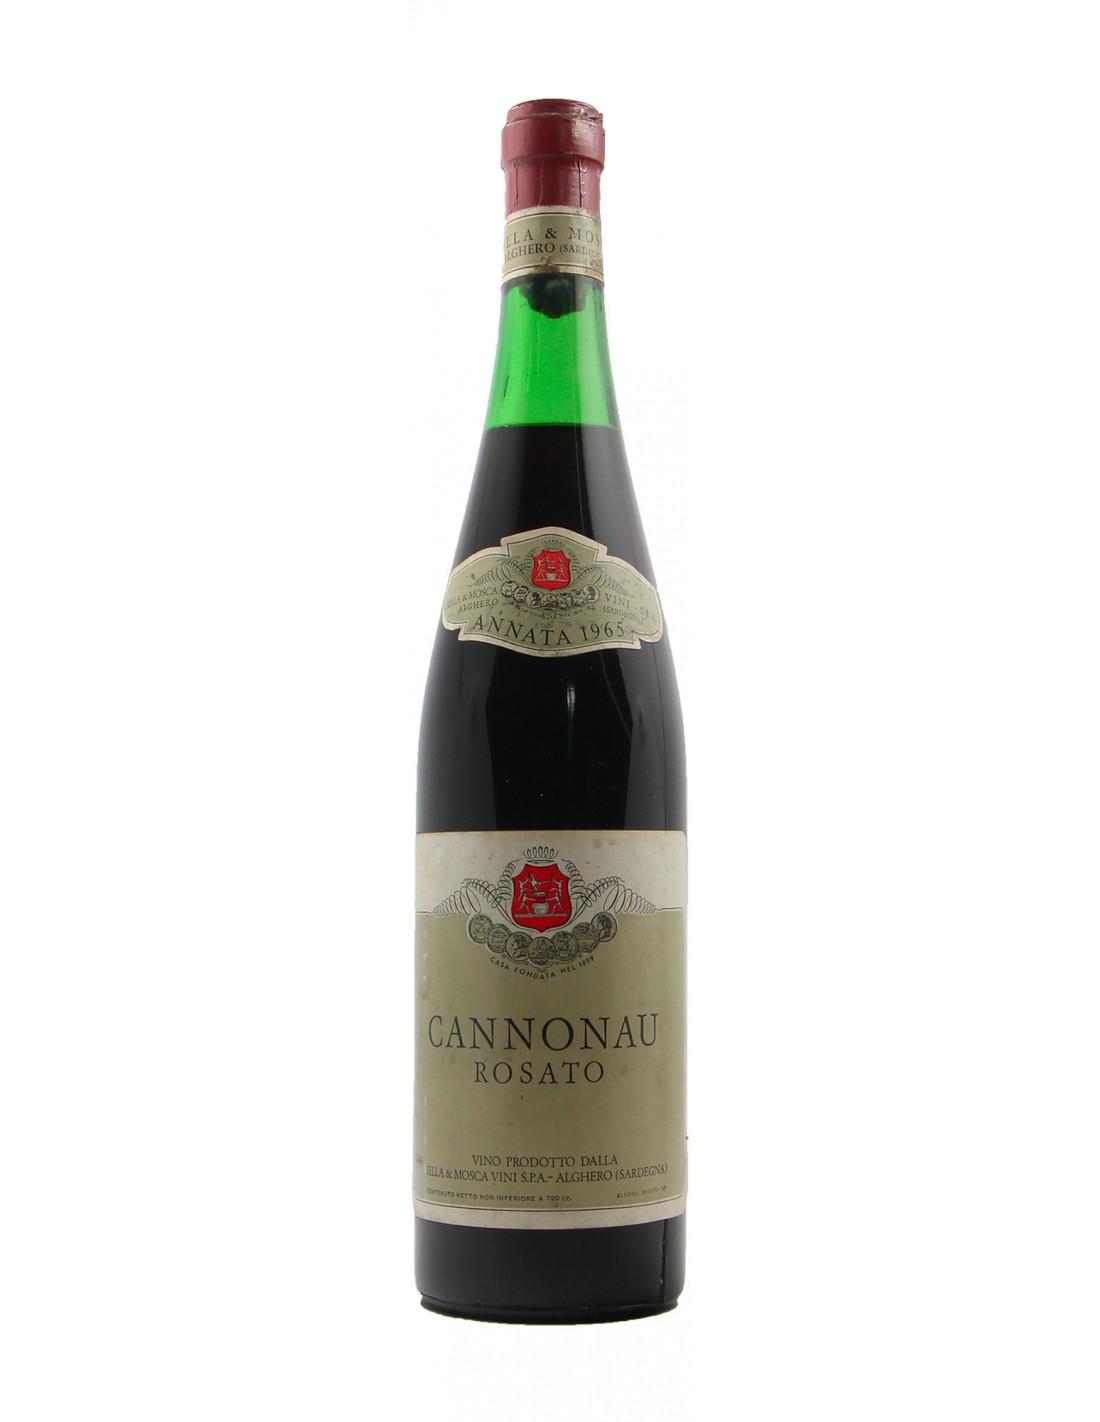 CANNONAU ROSATO 1965 SELLA & MOSCA Grandi Bottiglie